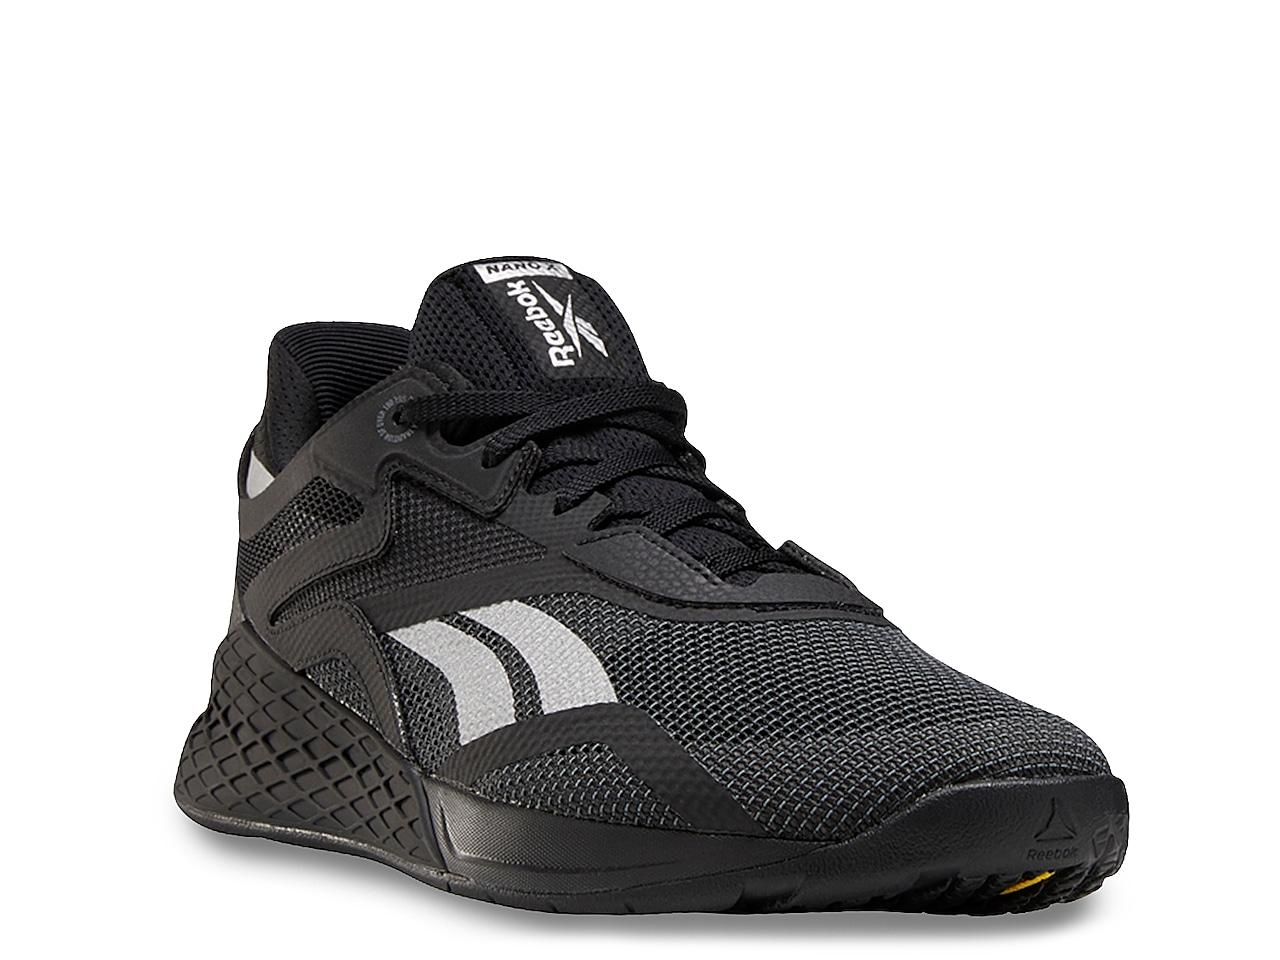 Reebok Nano X Running Shoe - Men's